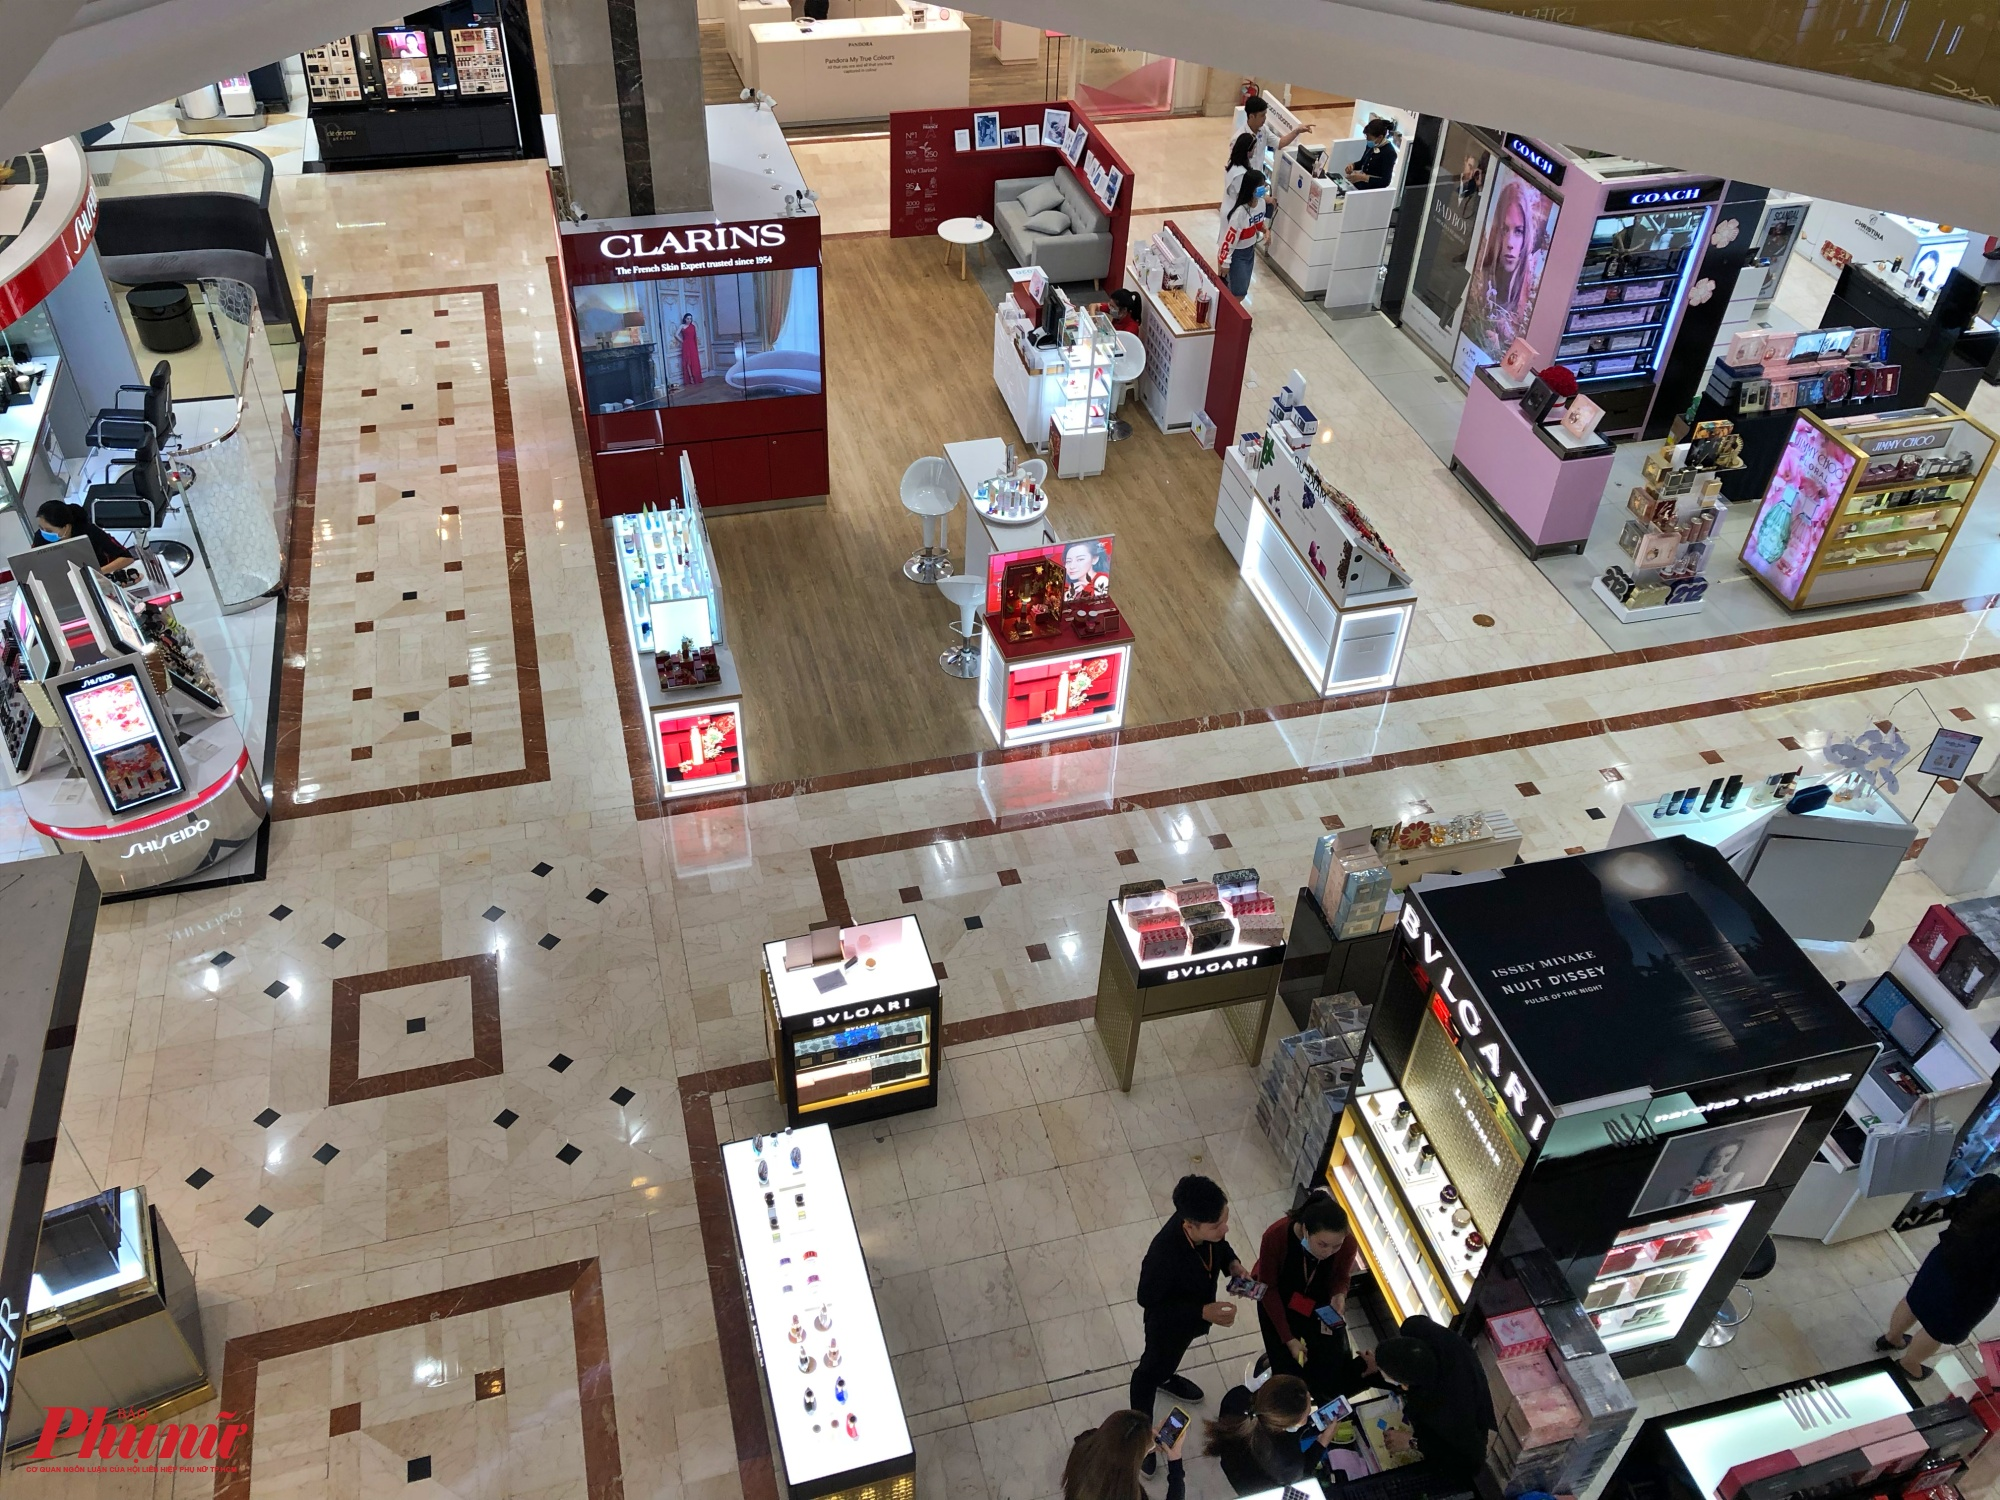 Khác với cảnh người dân và du khách đổ về các trung tâm thương mại để tham quan mua sắm, theo ghi nhận của phóng viên Báo Phụ Nữ TP.HCM tại trung tâm thương mại Diamond Plaza chiều tối 8/2 quan cảnh rất vắng vẻ, chỉ lưa thưa một vài khách đến mua hàng tại lầu 1